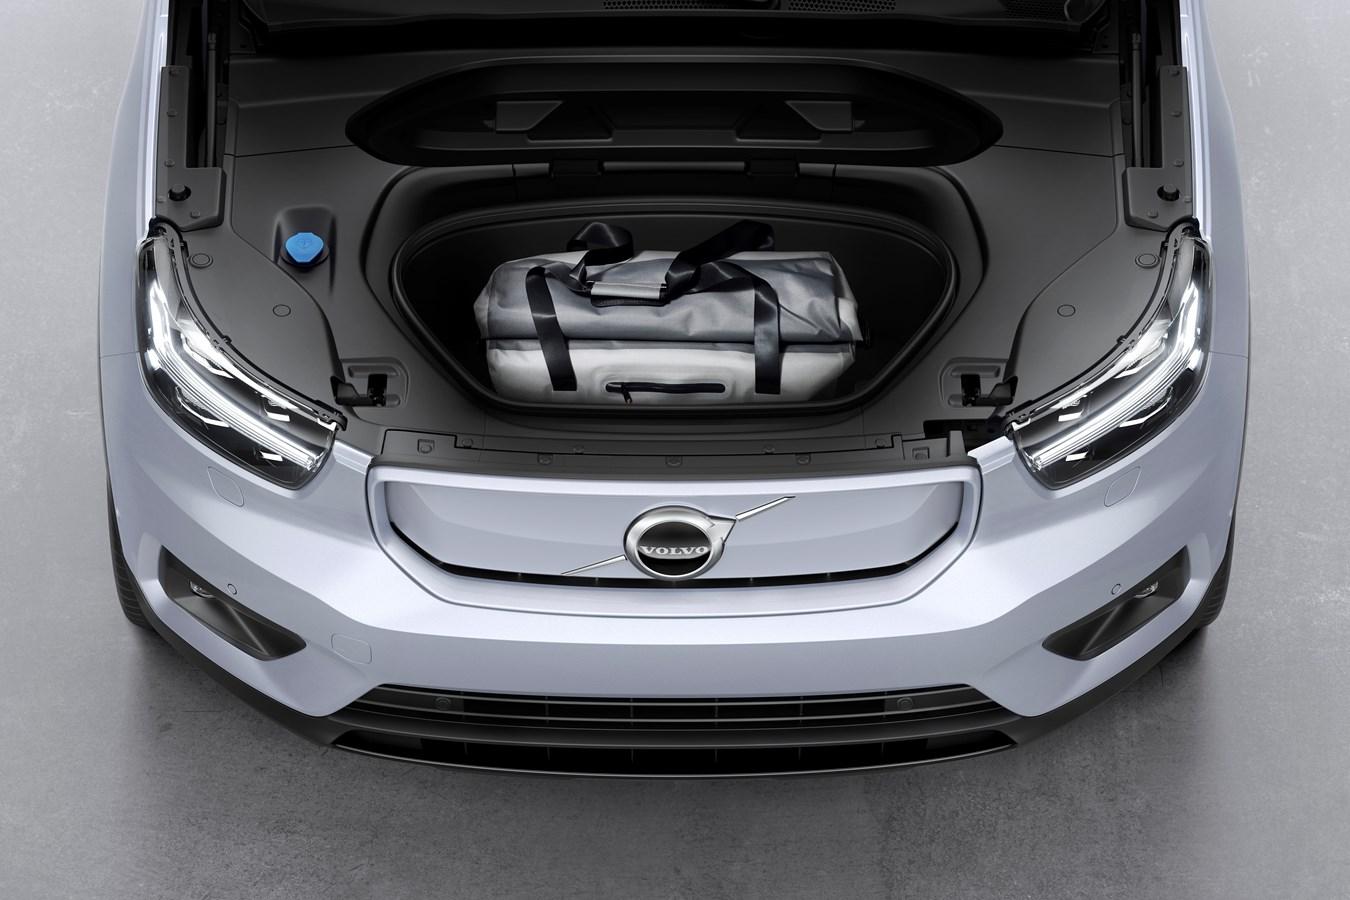 Volvo представила свой первый электромобиль 01